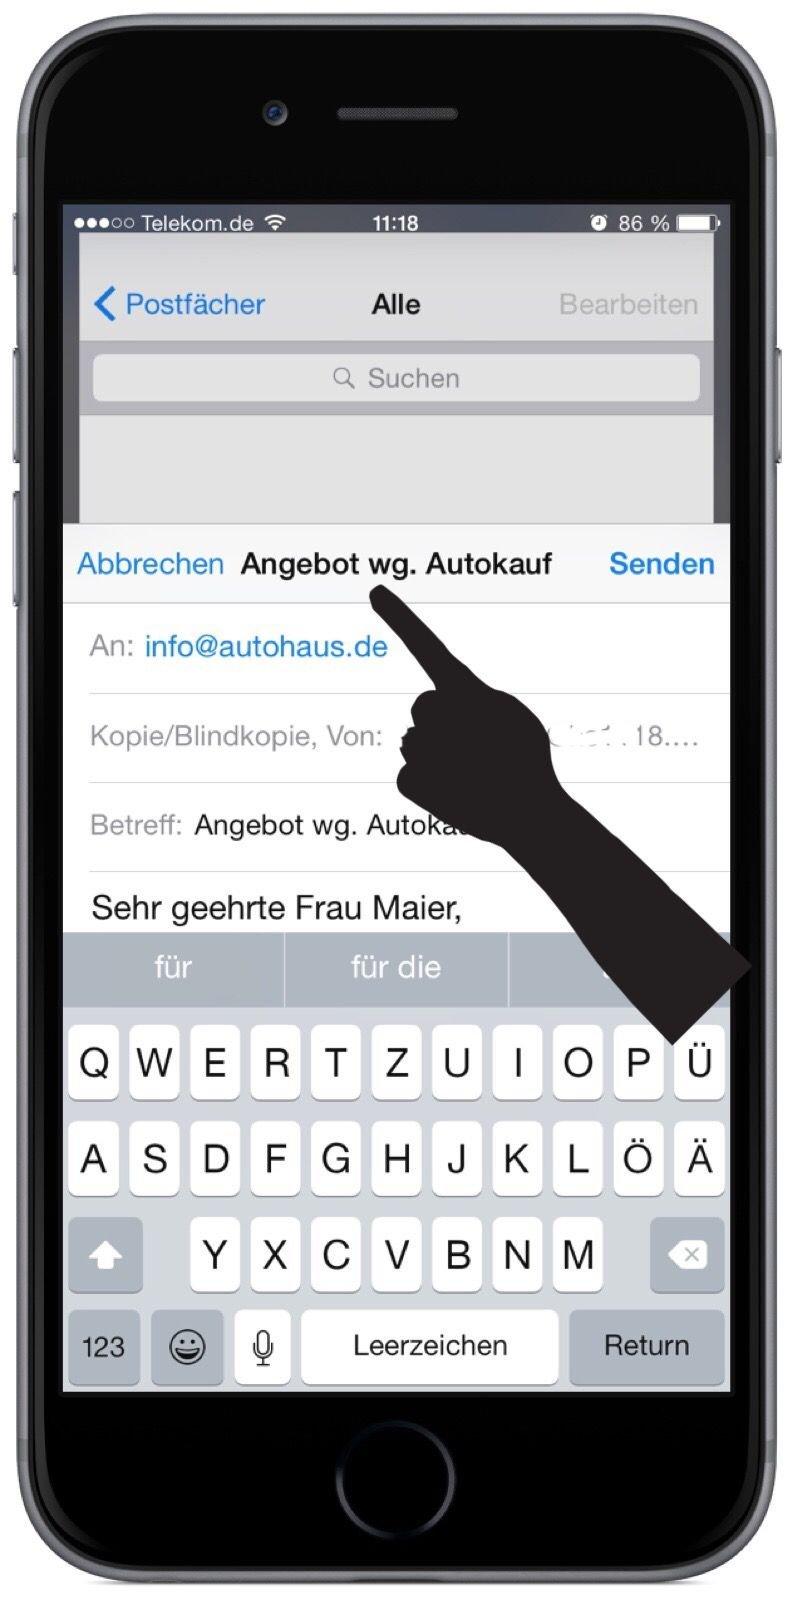 mit iphone mehrere apps gleixhzeitg starten